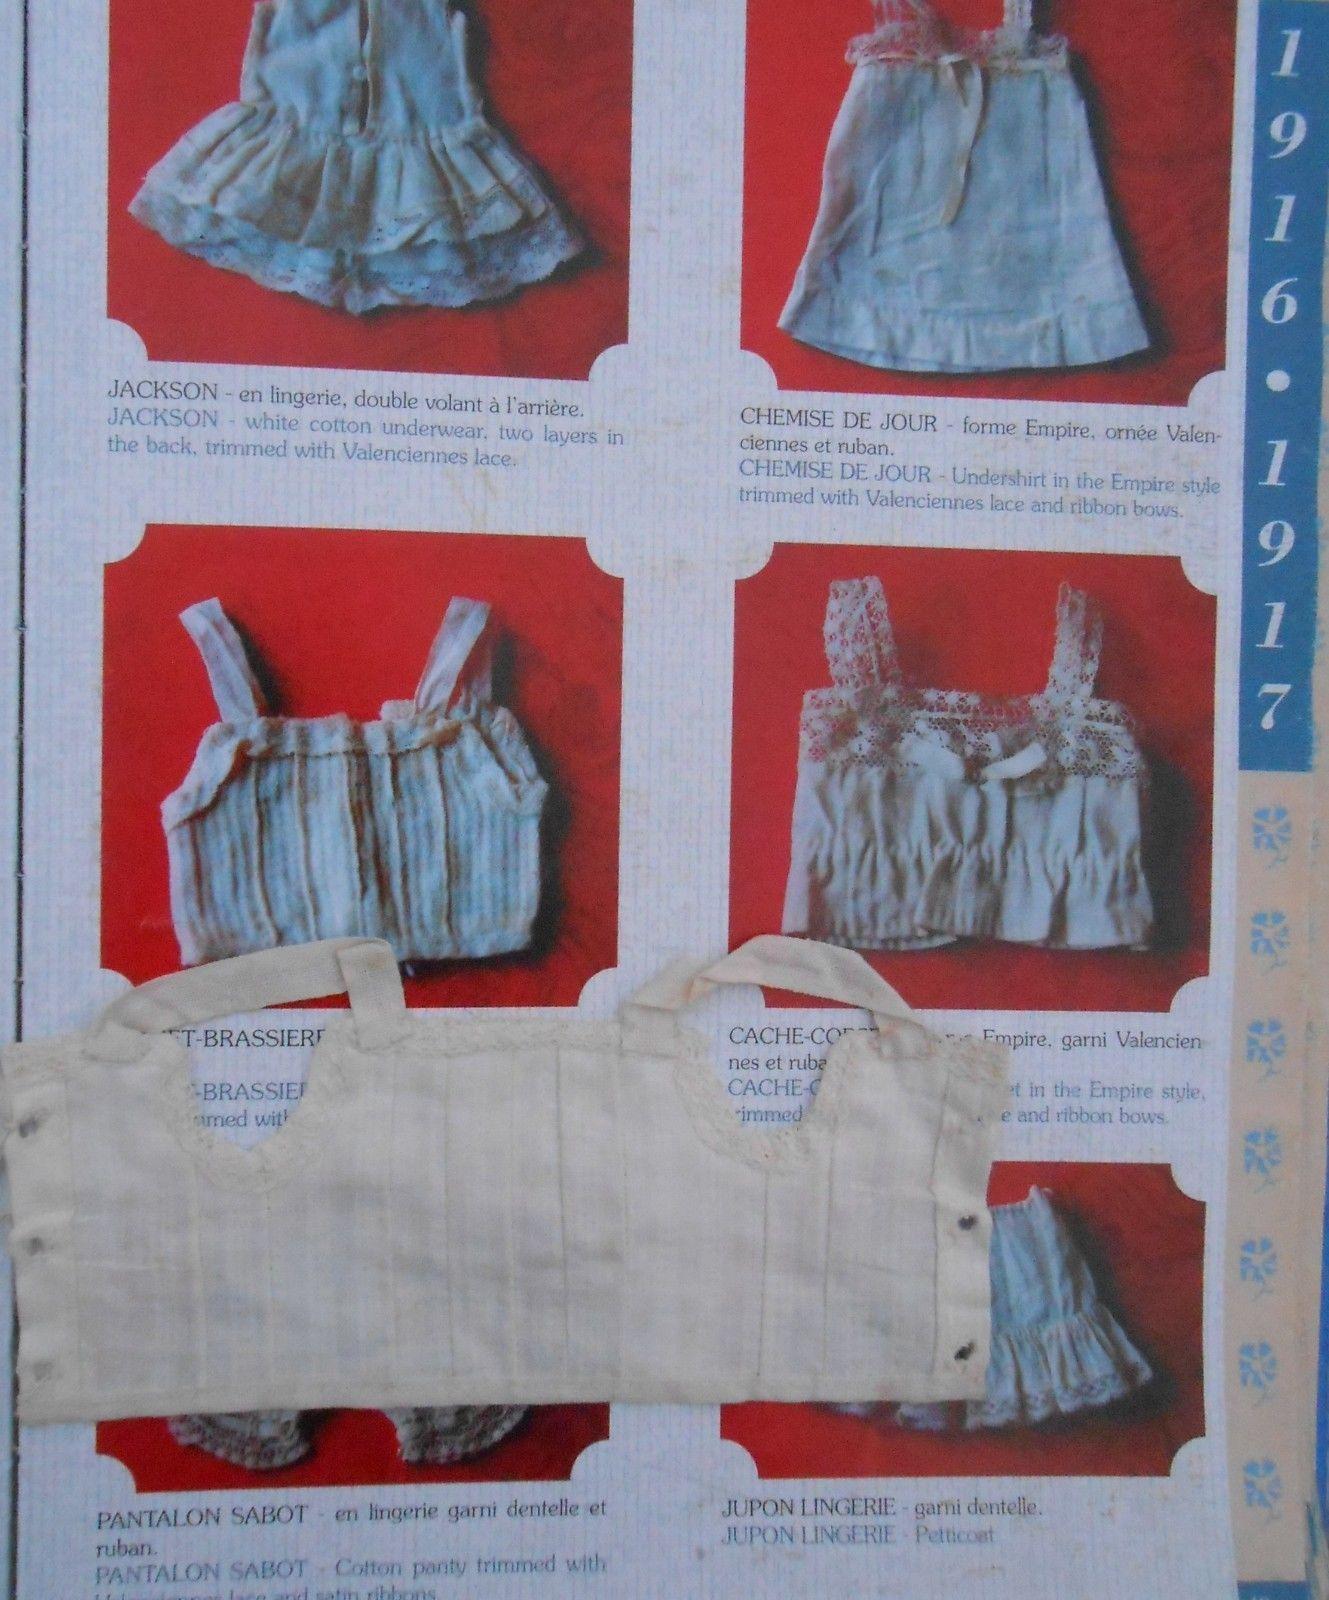 Ancienne Chemise Sous VÊtement Pour Bleuette Antique (pre-1930)